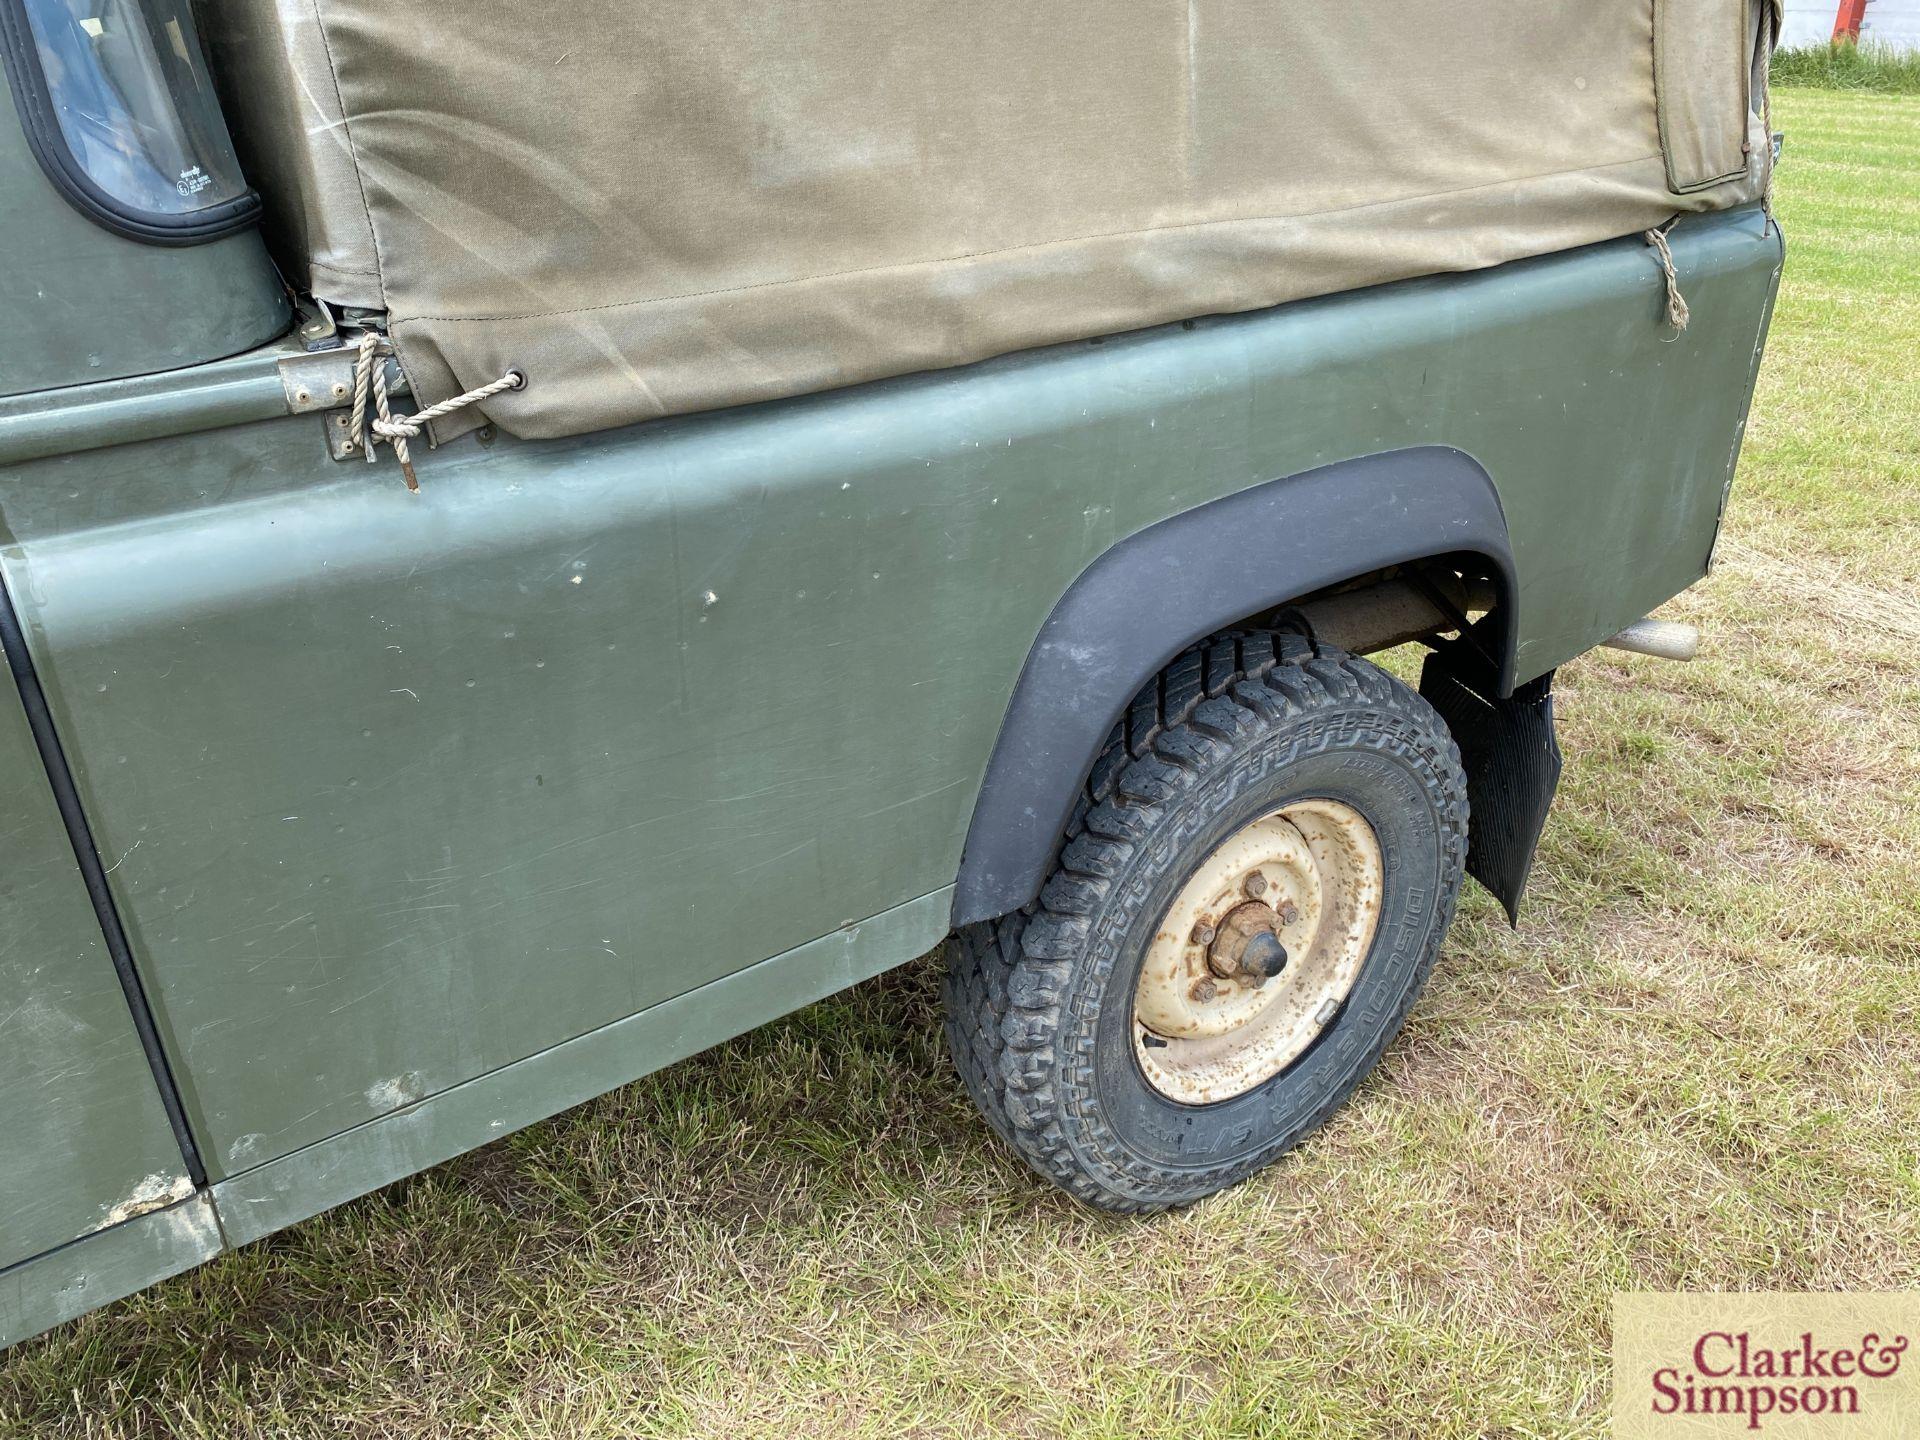 Land Rover Defender 110 single cab pick-up. Registration H317 OHK. Date of first registration 08/ - Image 19 of 56